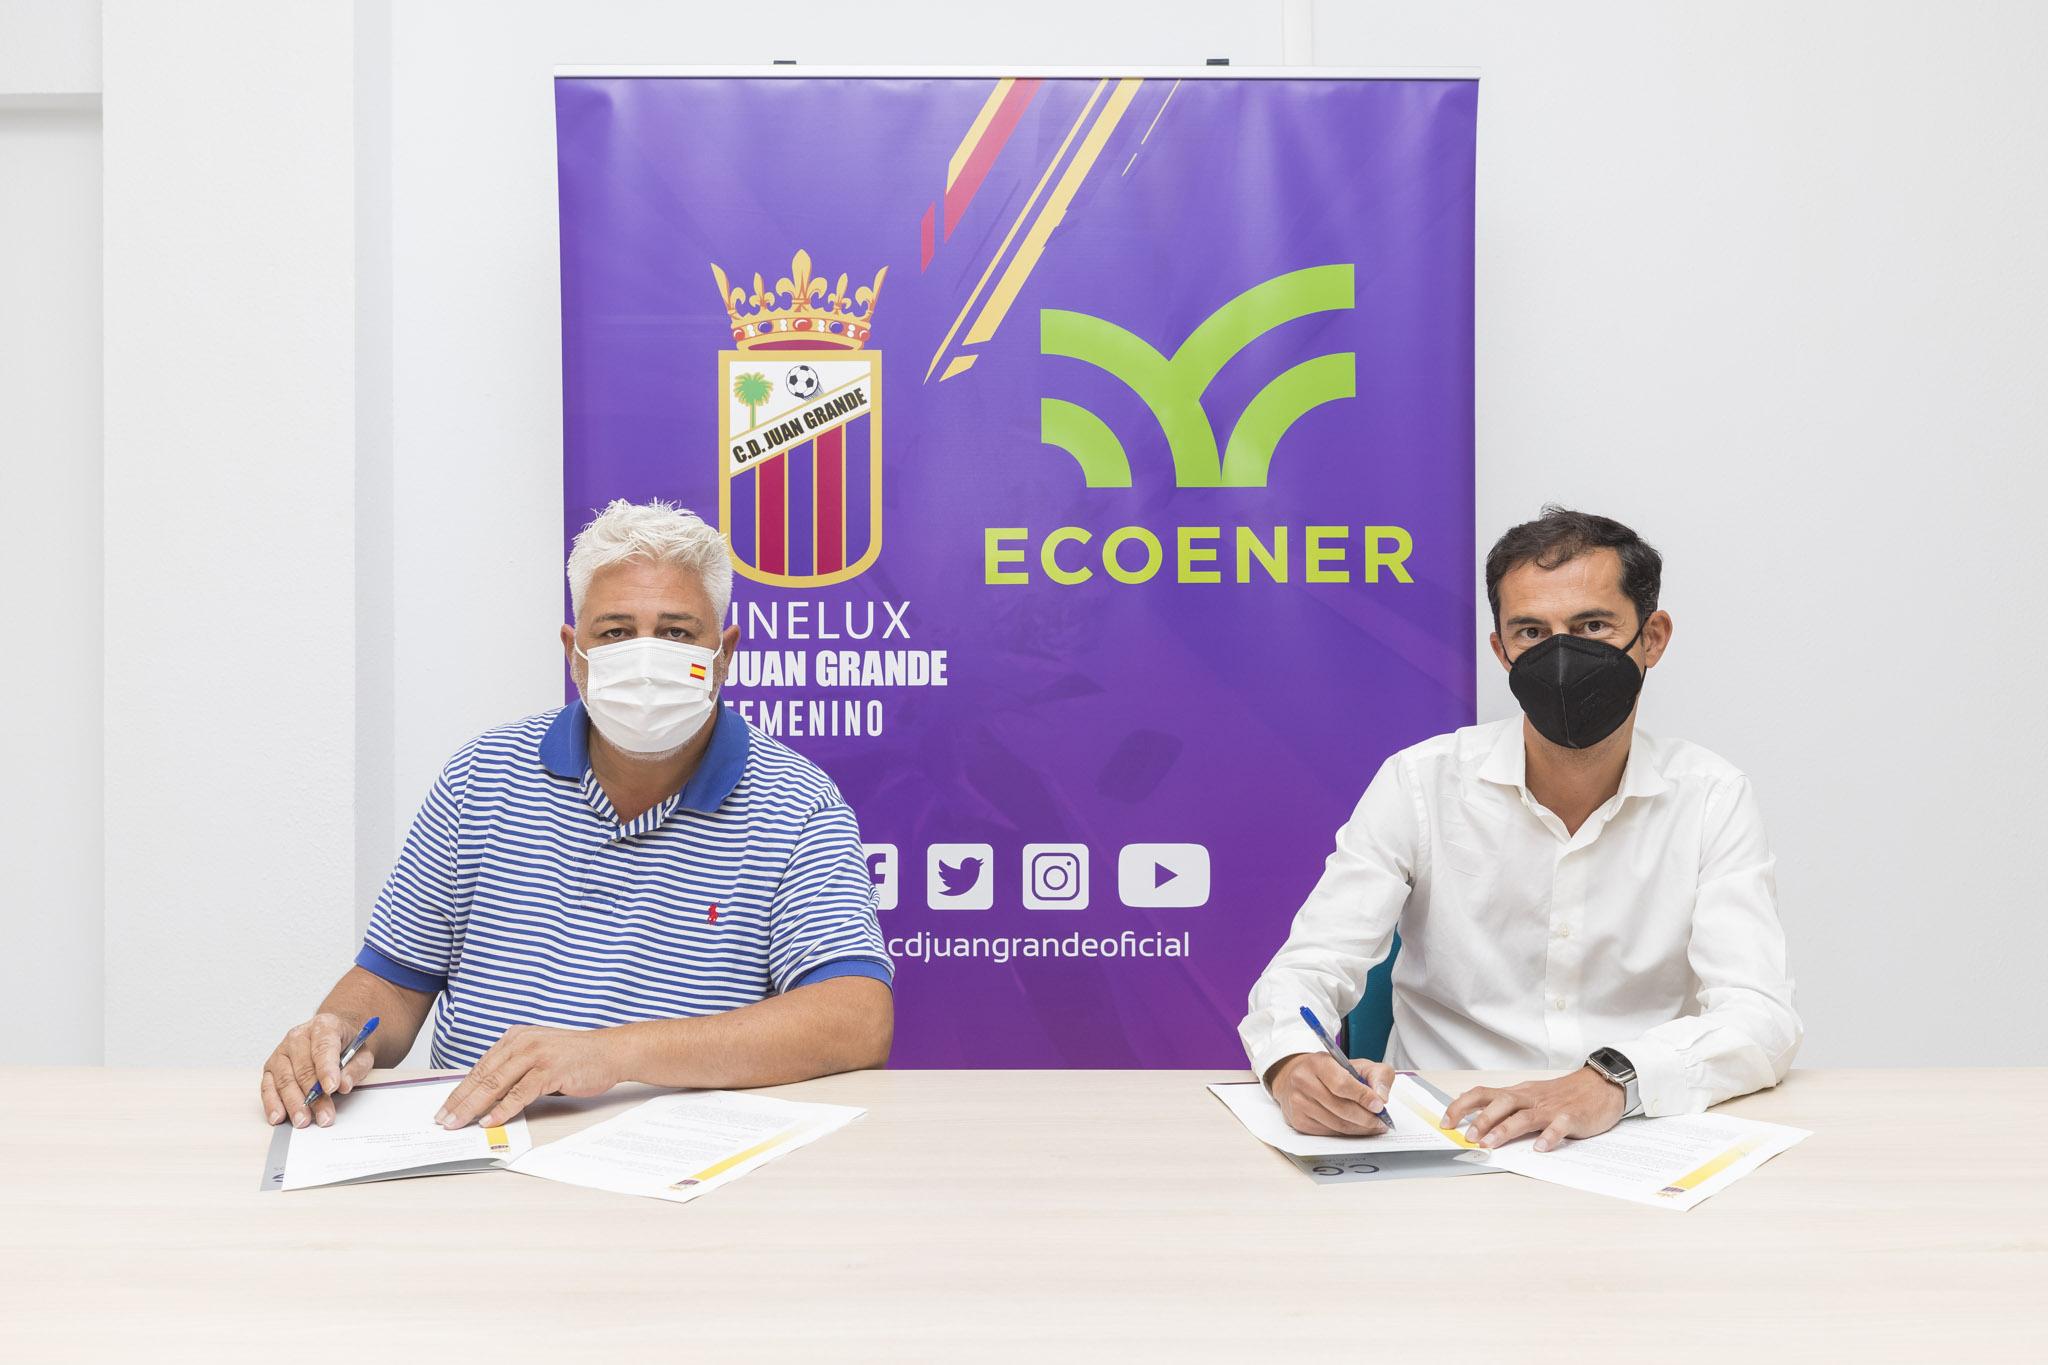 Ecoener, patrocinador del Club de fútbol femenino Ginelux Juan Grande de Gran Canaria